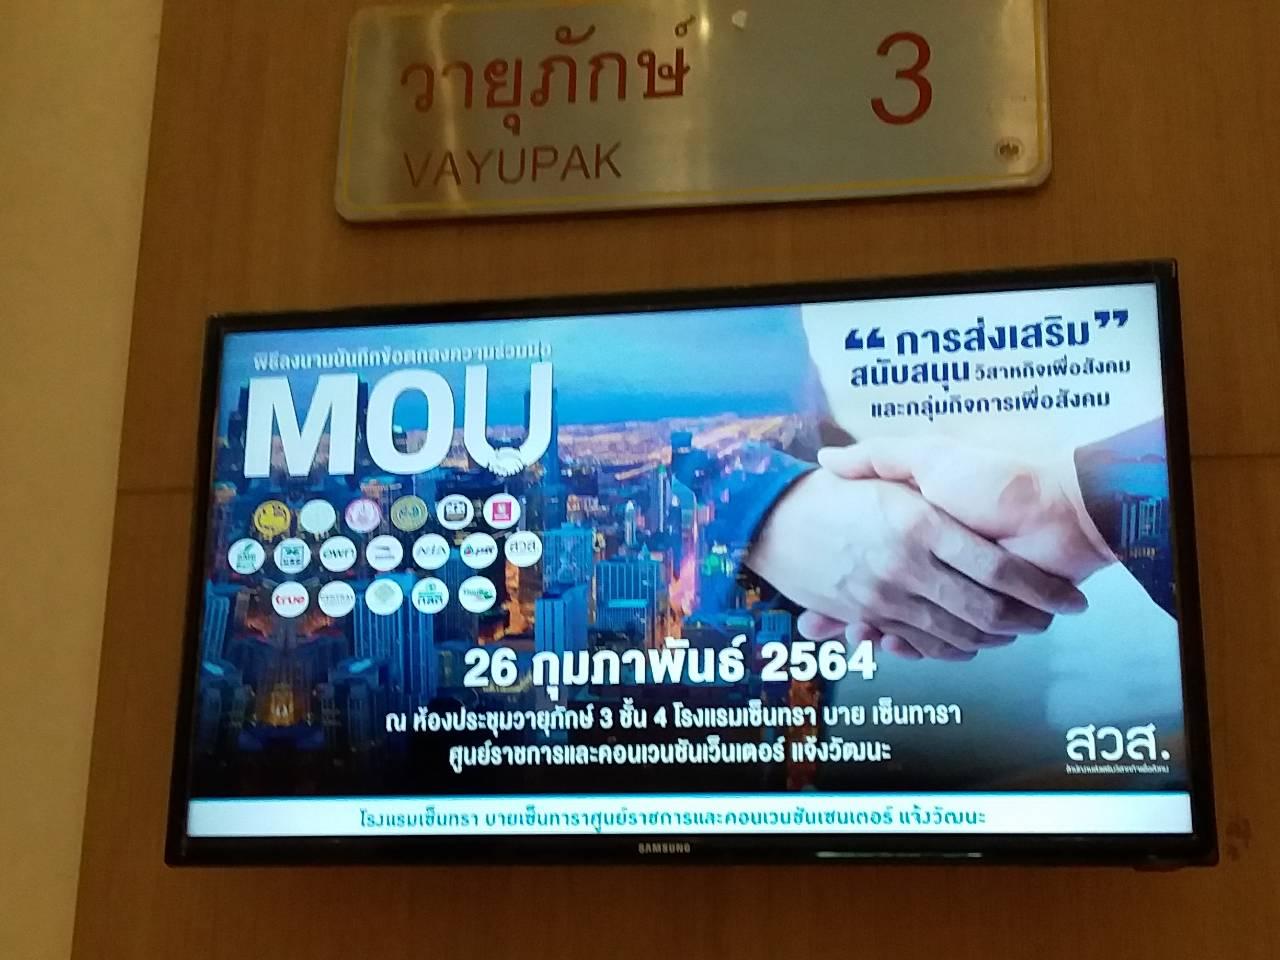 การลงนามบันทึกข้อตกลงความร่วมมือ (MOU) เรื่อง การส่งเสริมสนับสนุนวิสาหกิจเพื่อสังคม และกลุ่มกิจการเพื่อสังคม